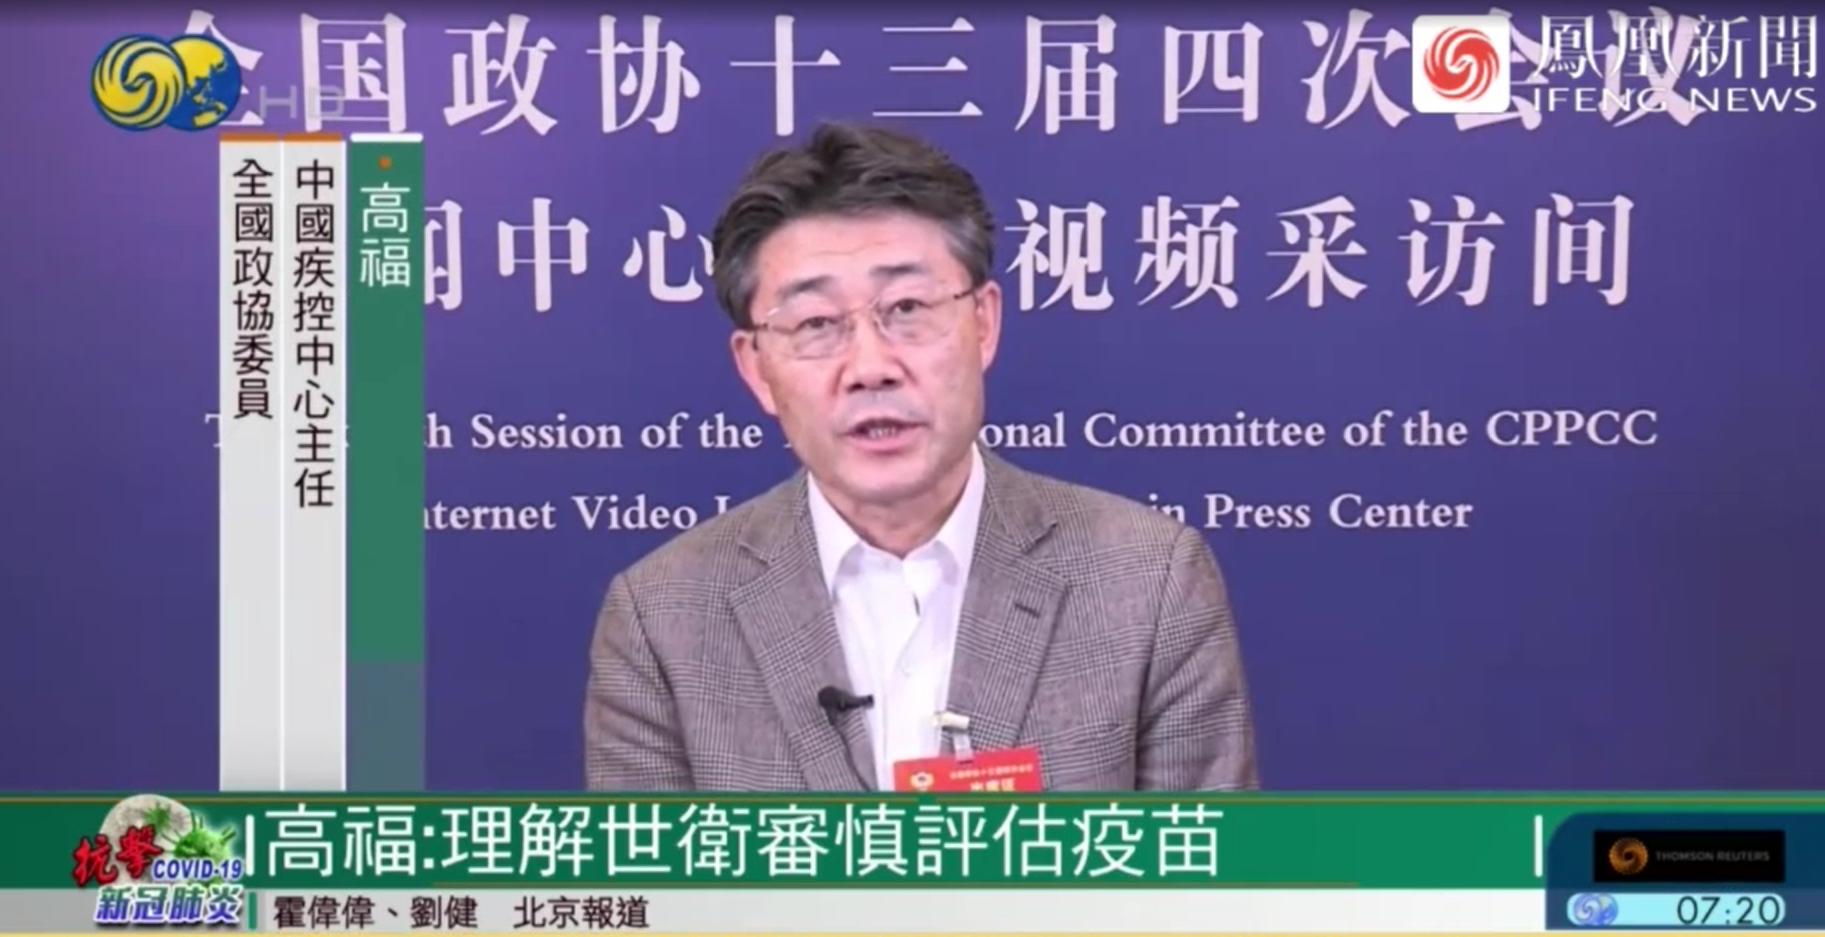 世卫评估中国疫苗至今还没有结果,高福回应